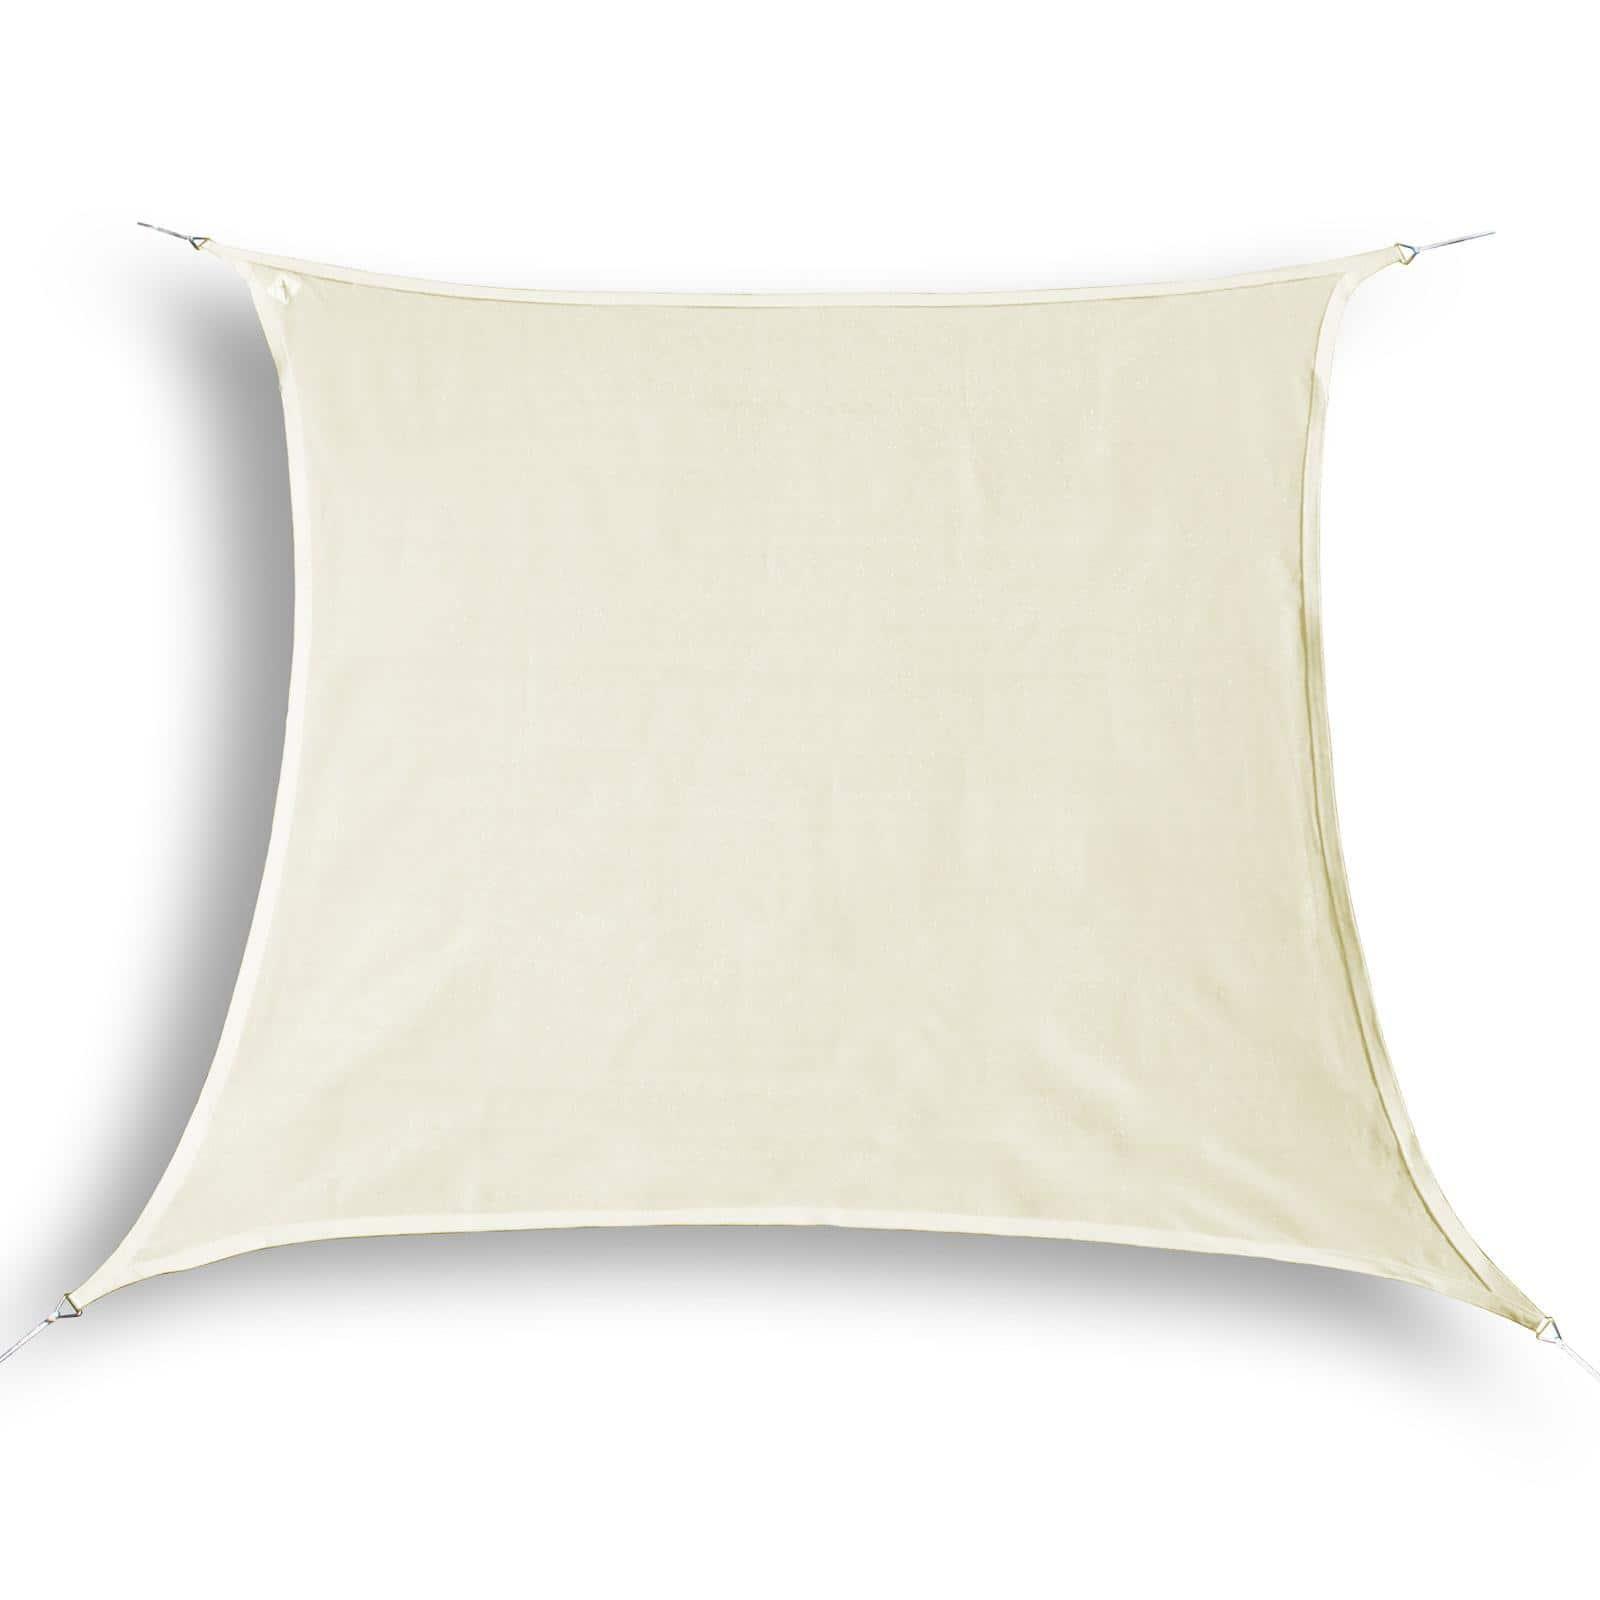 hanSe® Schaduwdoek Vierkant Waterdoorlatend 3x3 m - zonnedoek - Creme